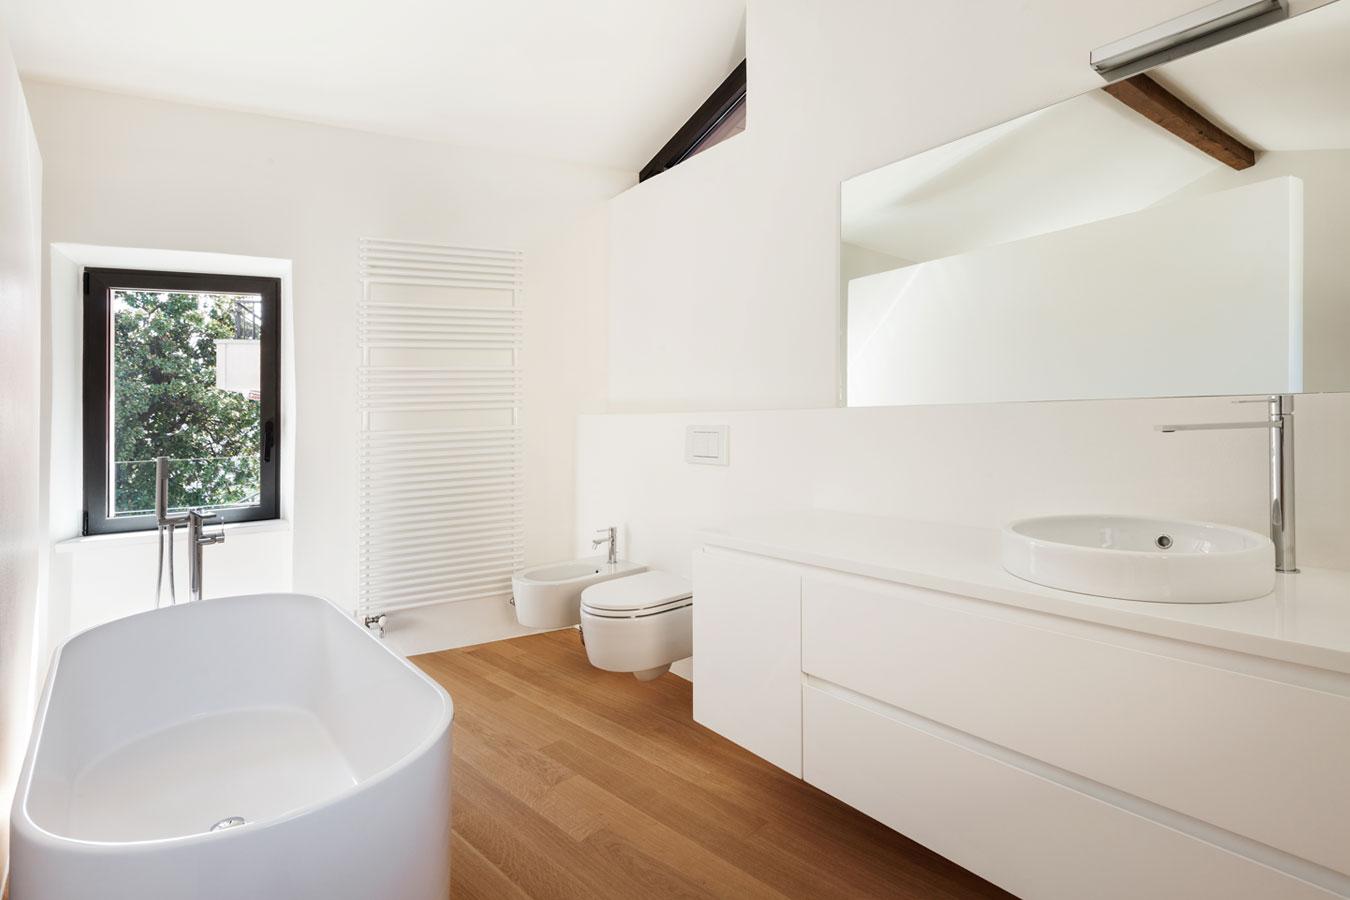 Tips Badkamer Verbouwen : Badkamer inrichten inspiratie foto s originele ideeën